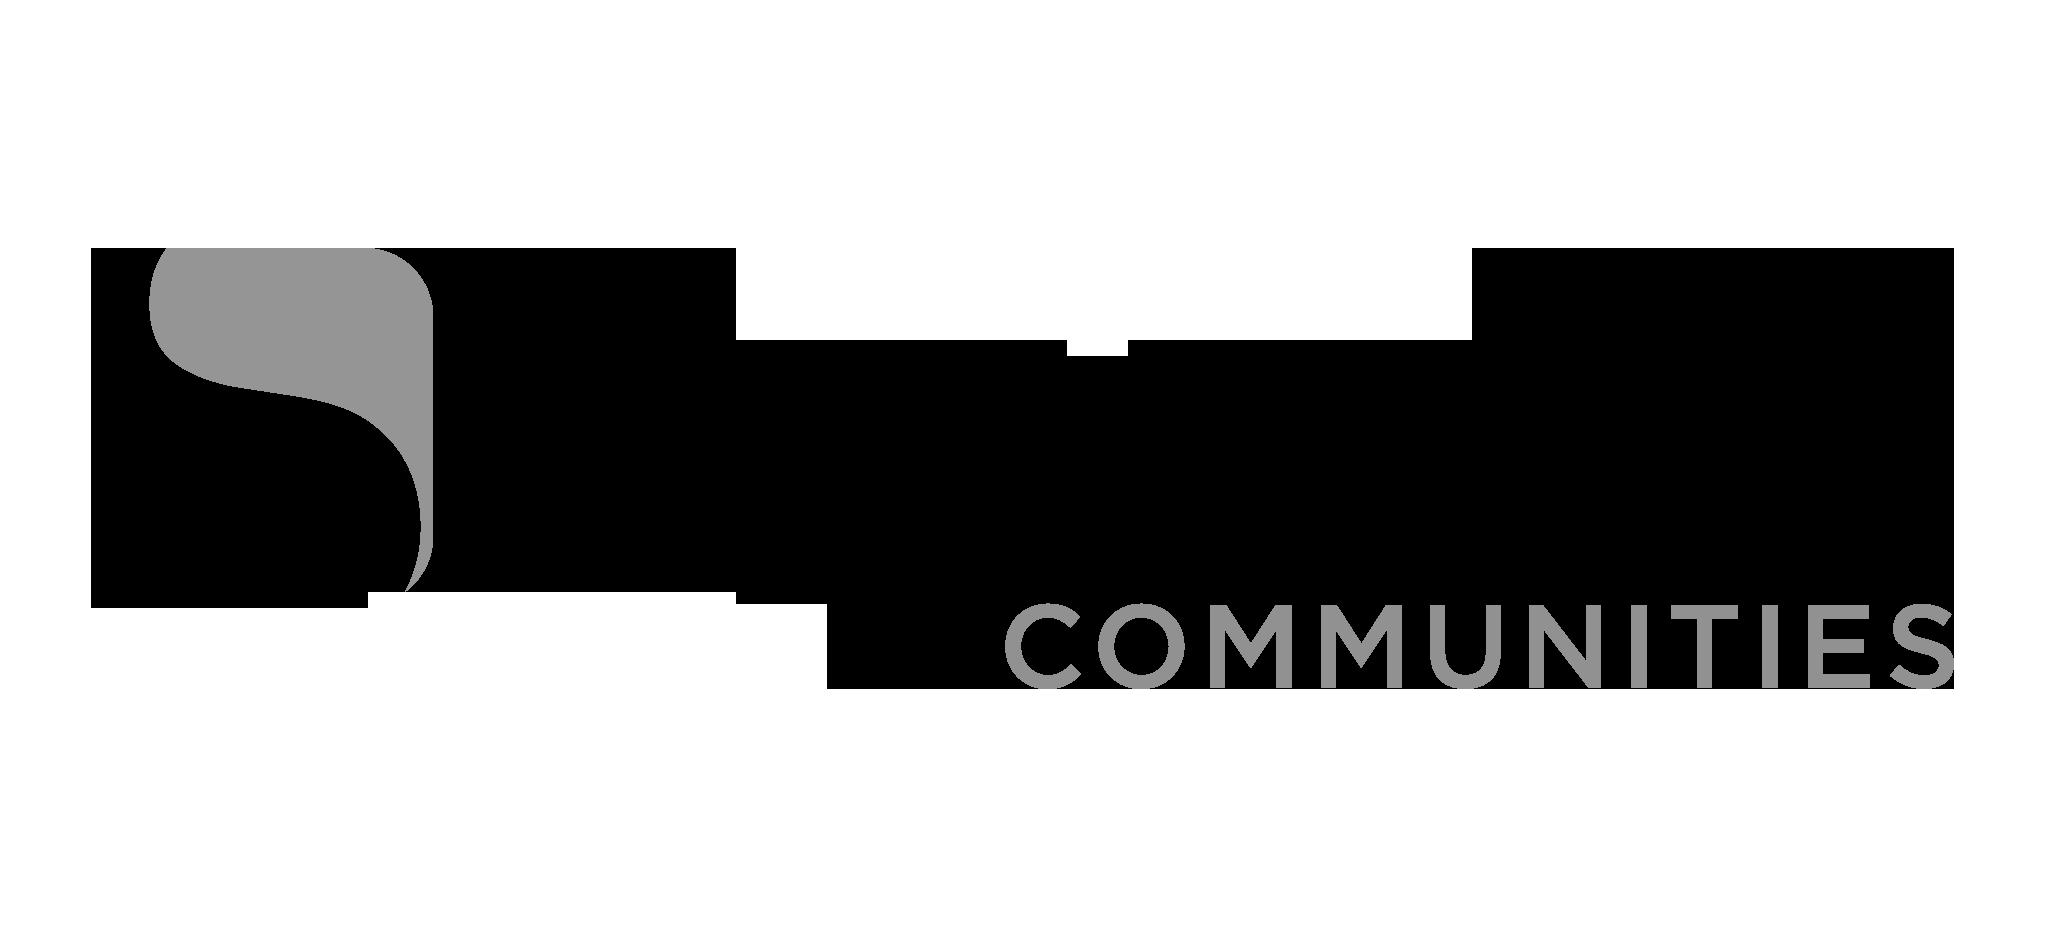 Standard Communities (logo)